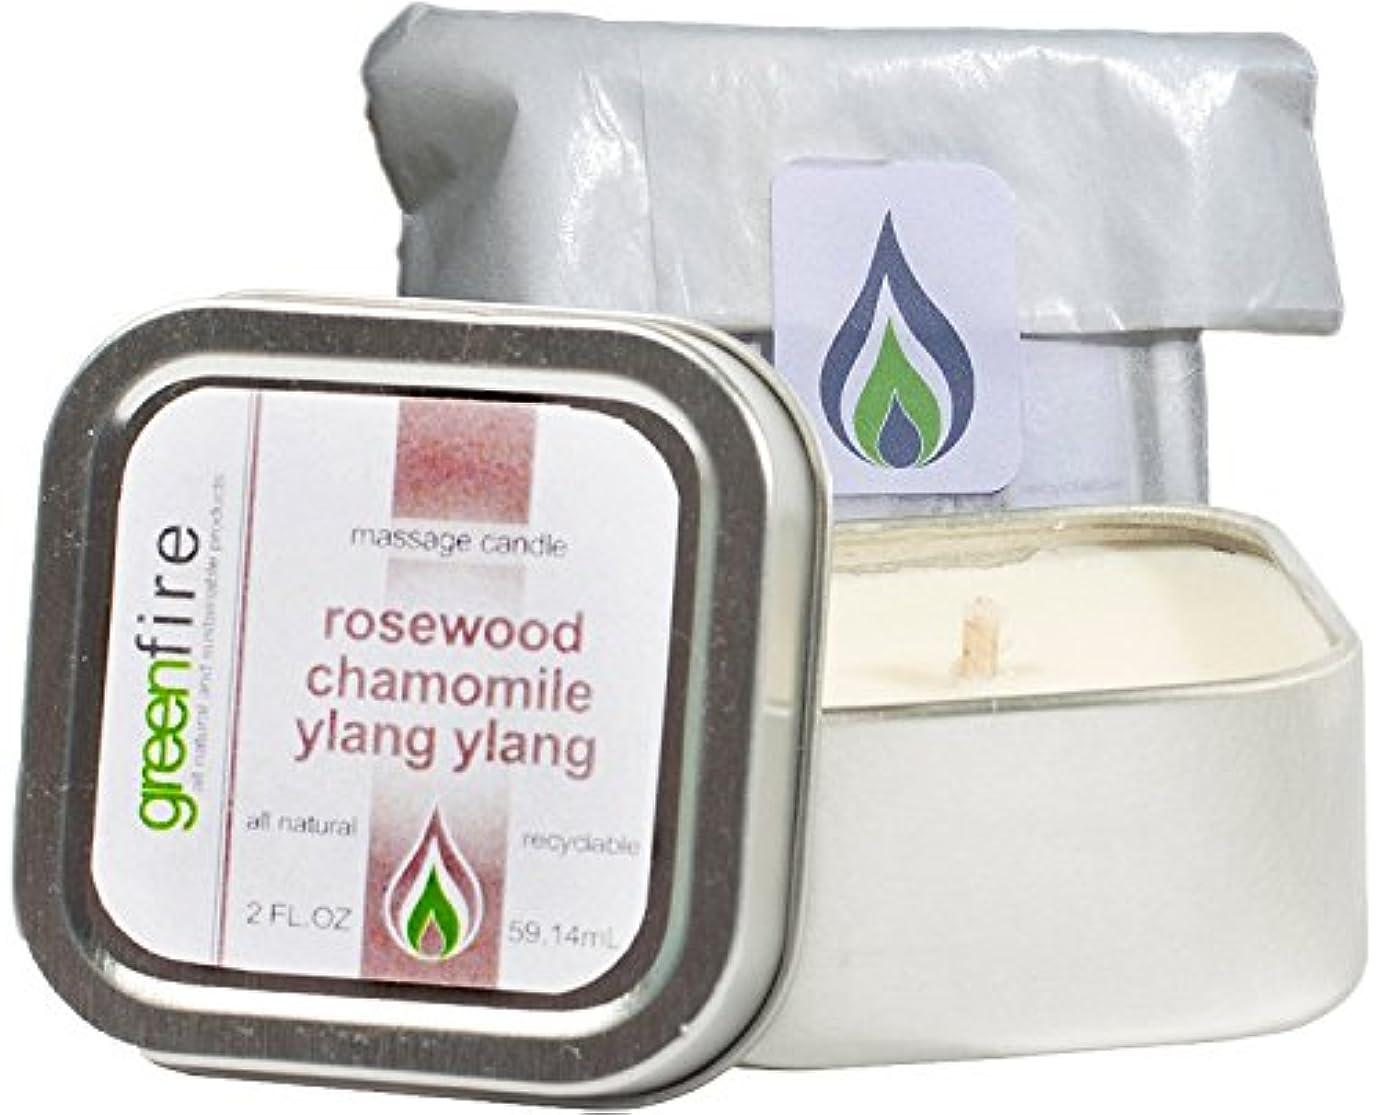 リレー悪魔圧倒的グリーンファイヤーマッサージキャンドル ローズウッド?カモミール?イランイランの香り(サイズ:59.1mL)